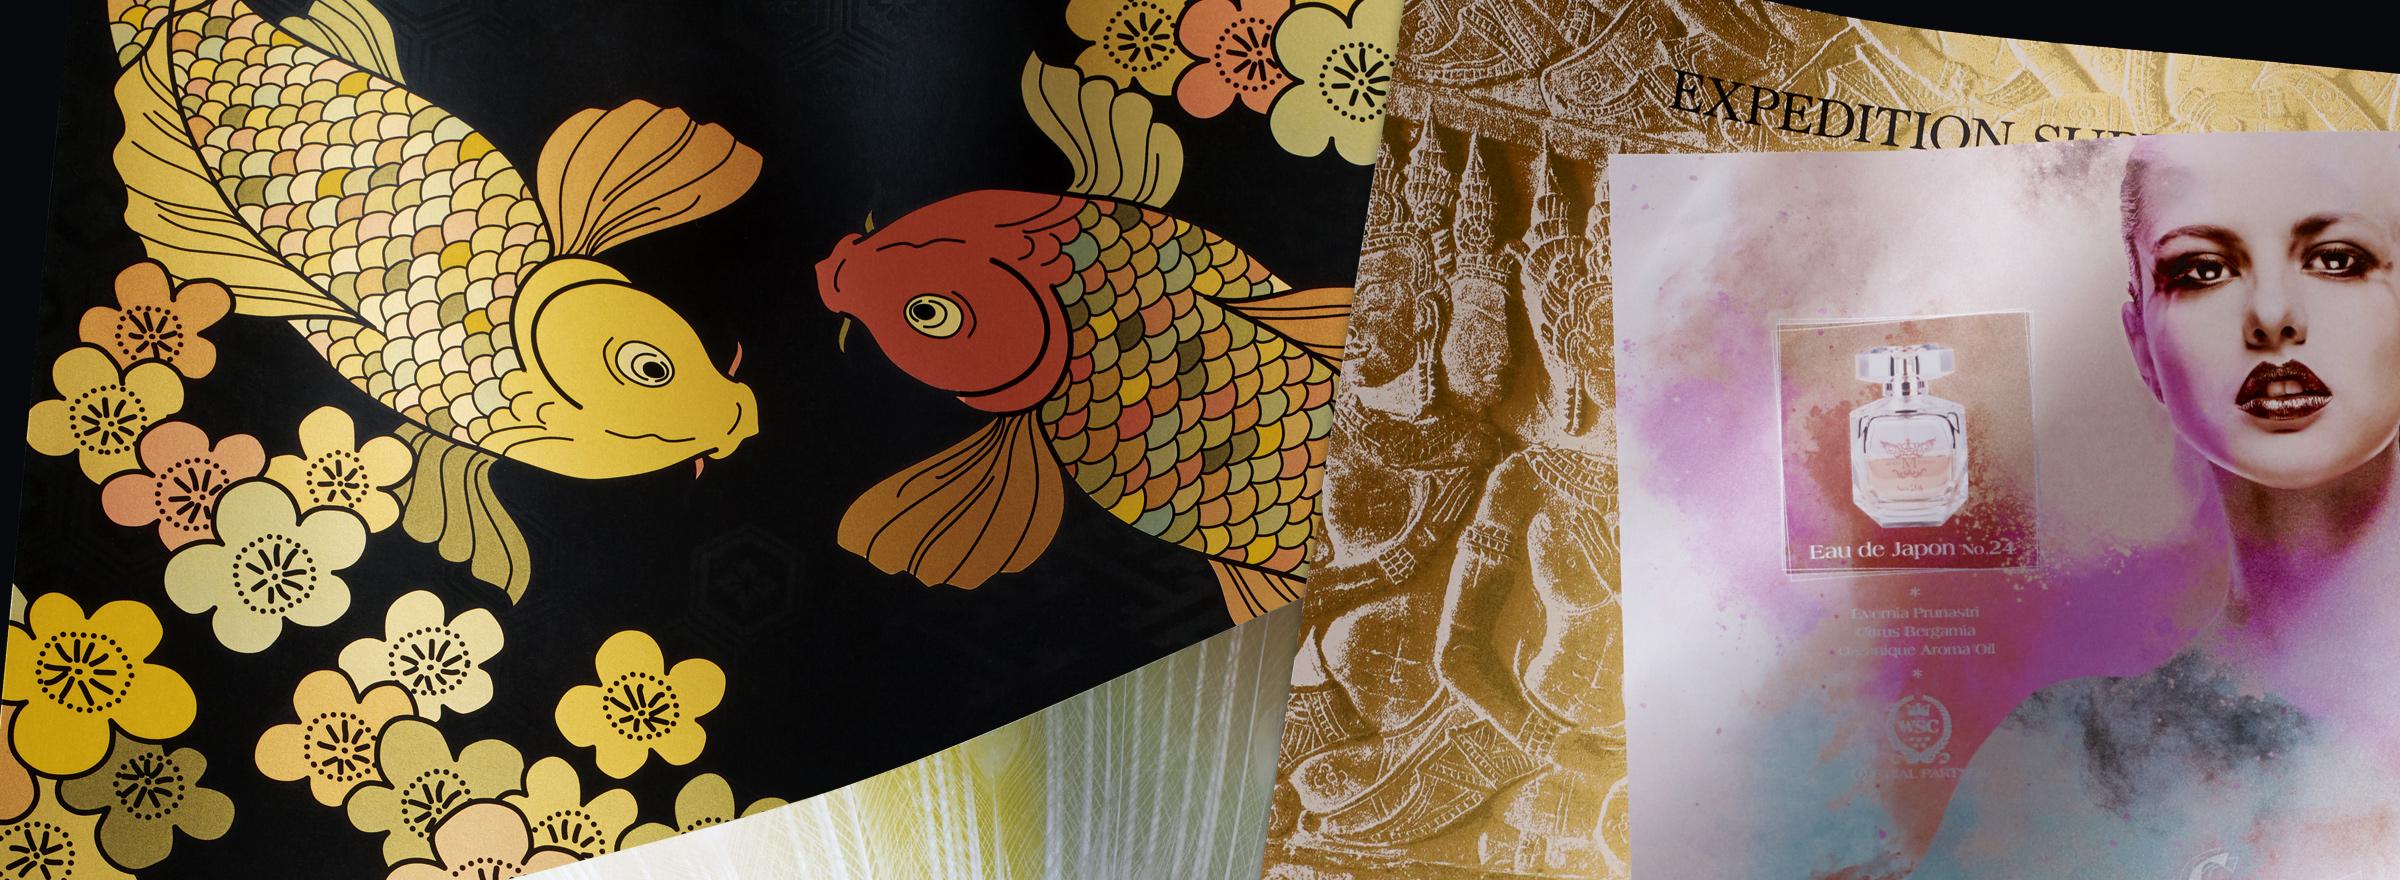 デザイナー必見!Iridesse™ Production Pressでゴールド、シルバー、ホワイト、クリア、ピンクトナーを利用したメタリックカラーデザインをご紹介